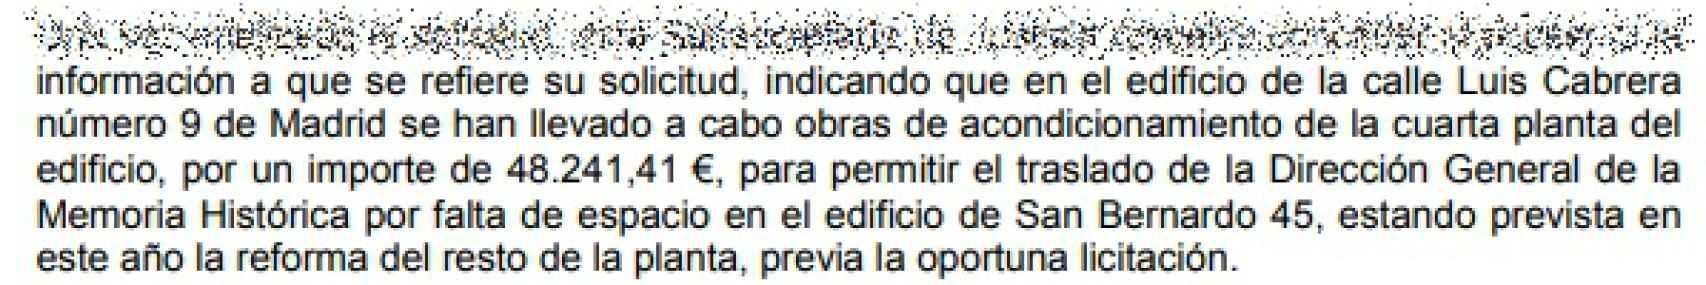 Resolución del Portal de Transparencia del Ministerio de Justicia.